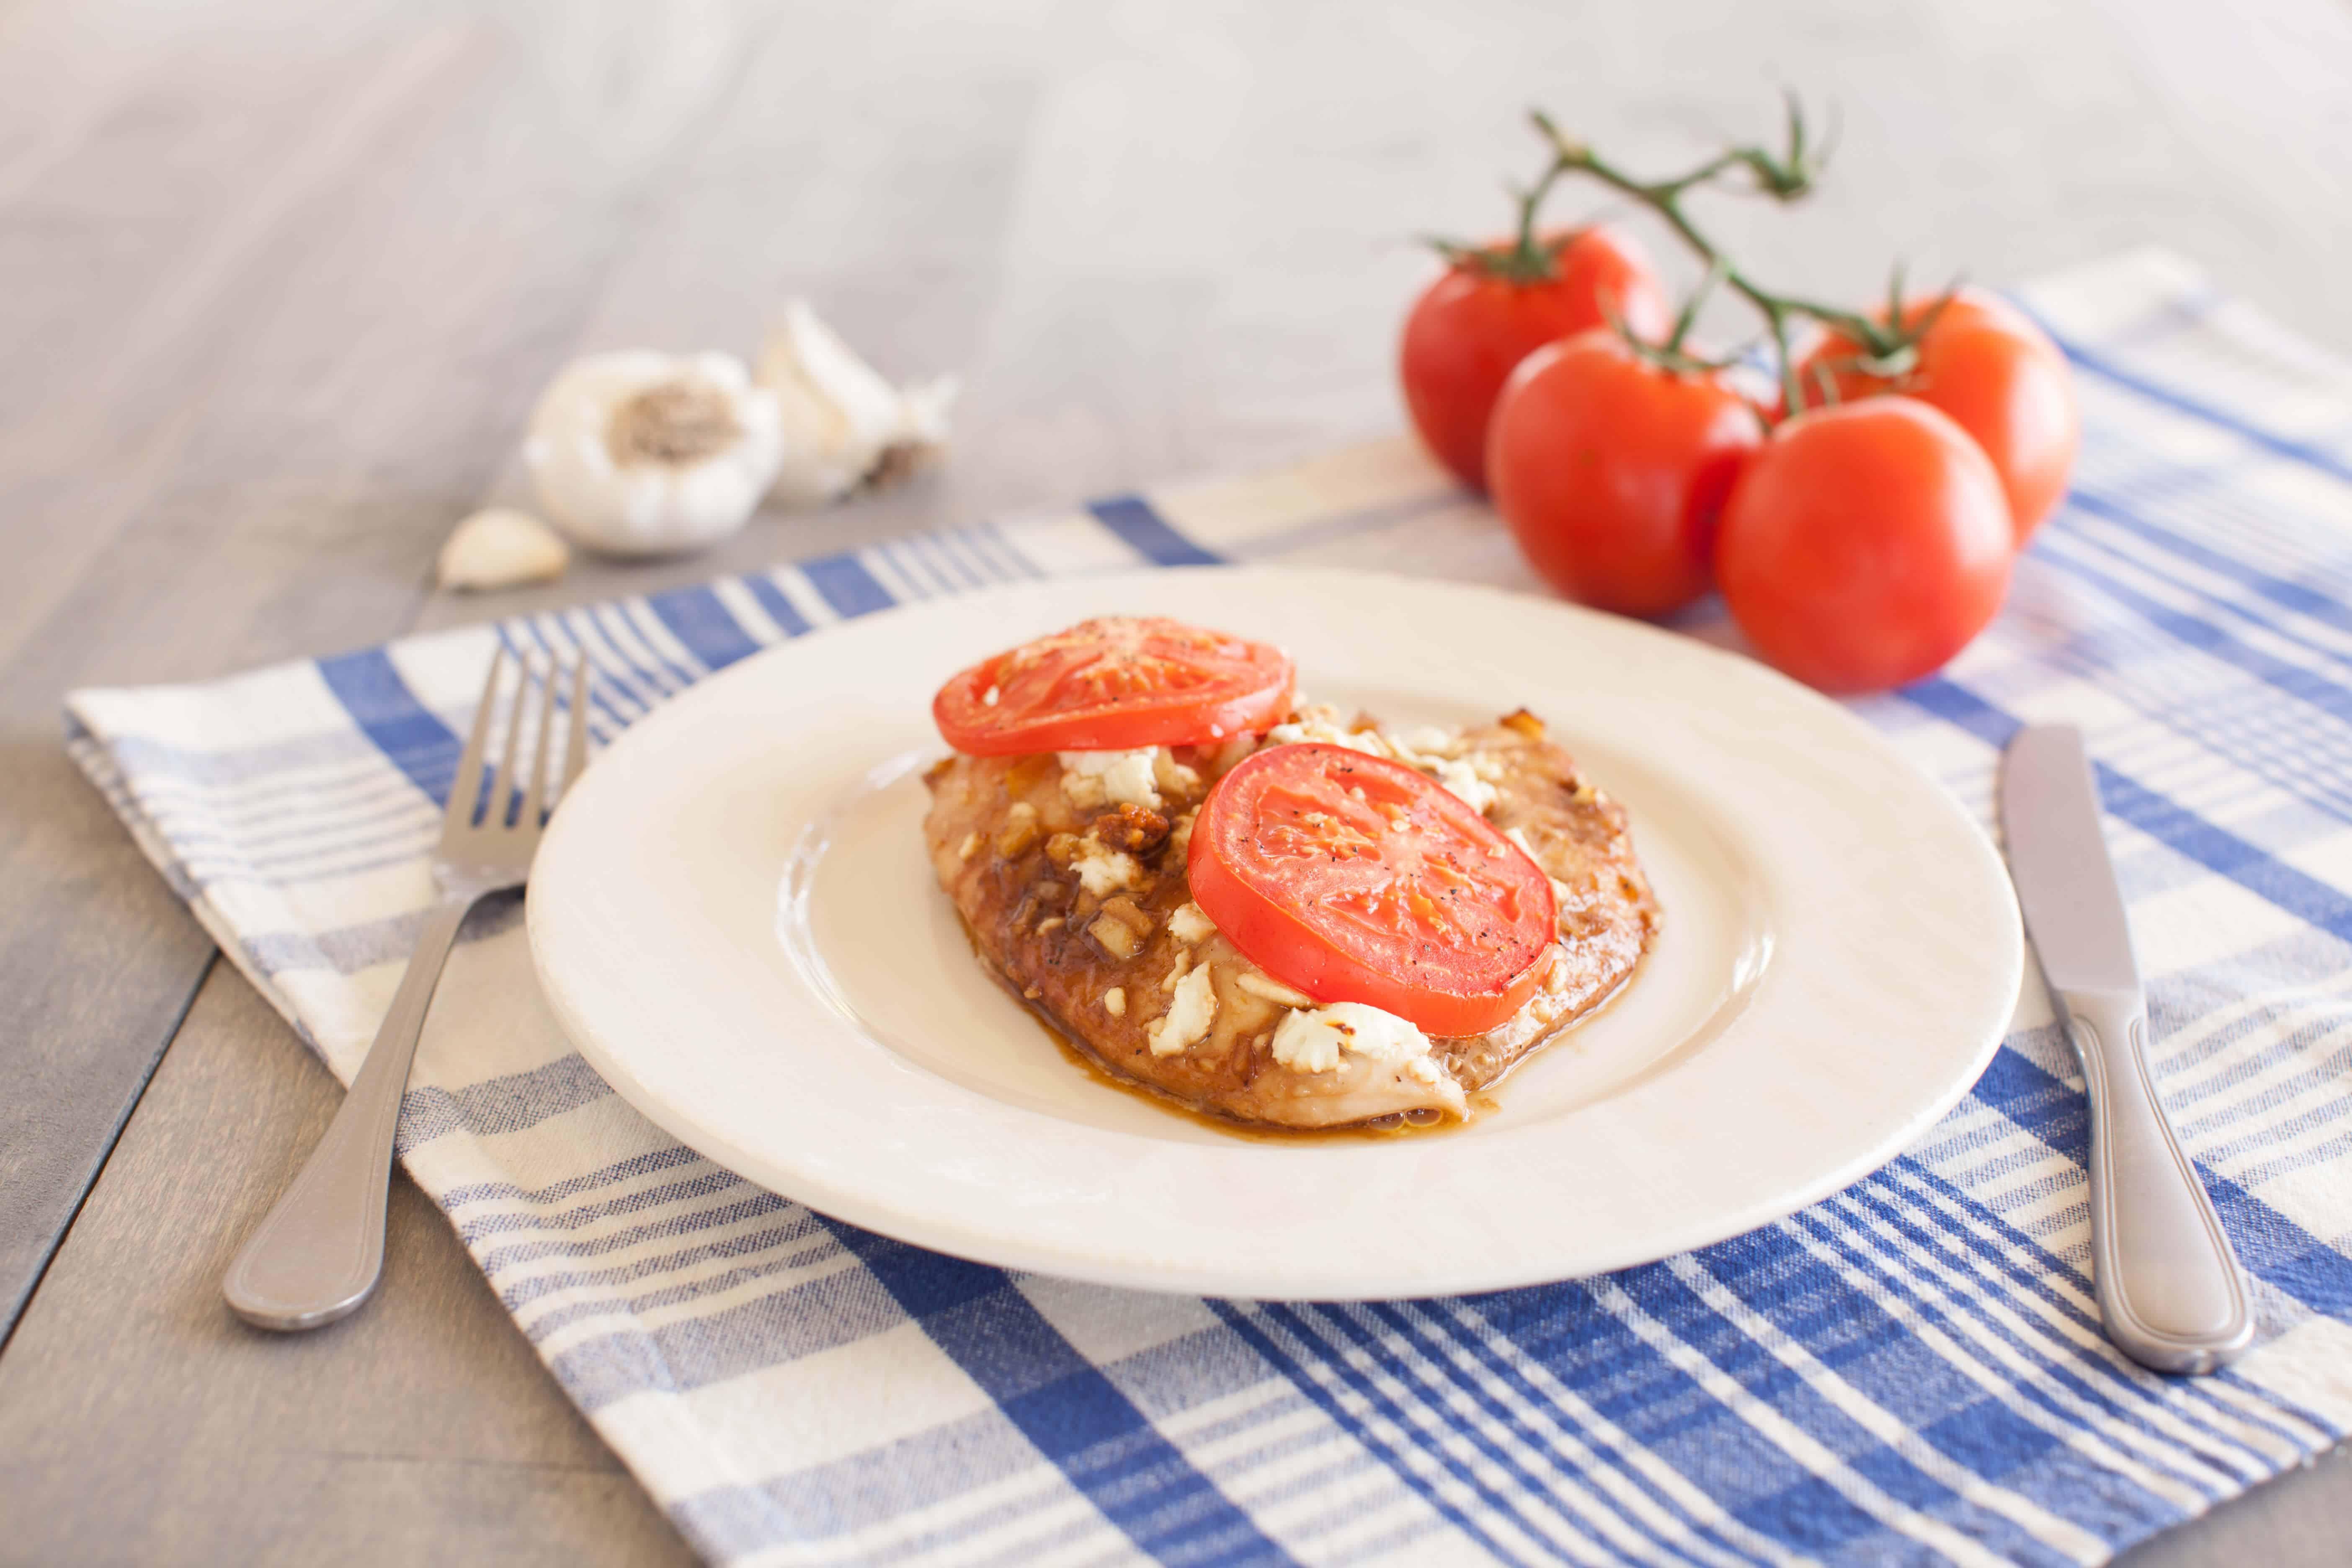 Mediterranean chicken recipe - Dr. Axe